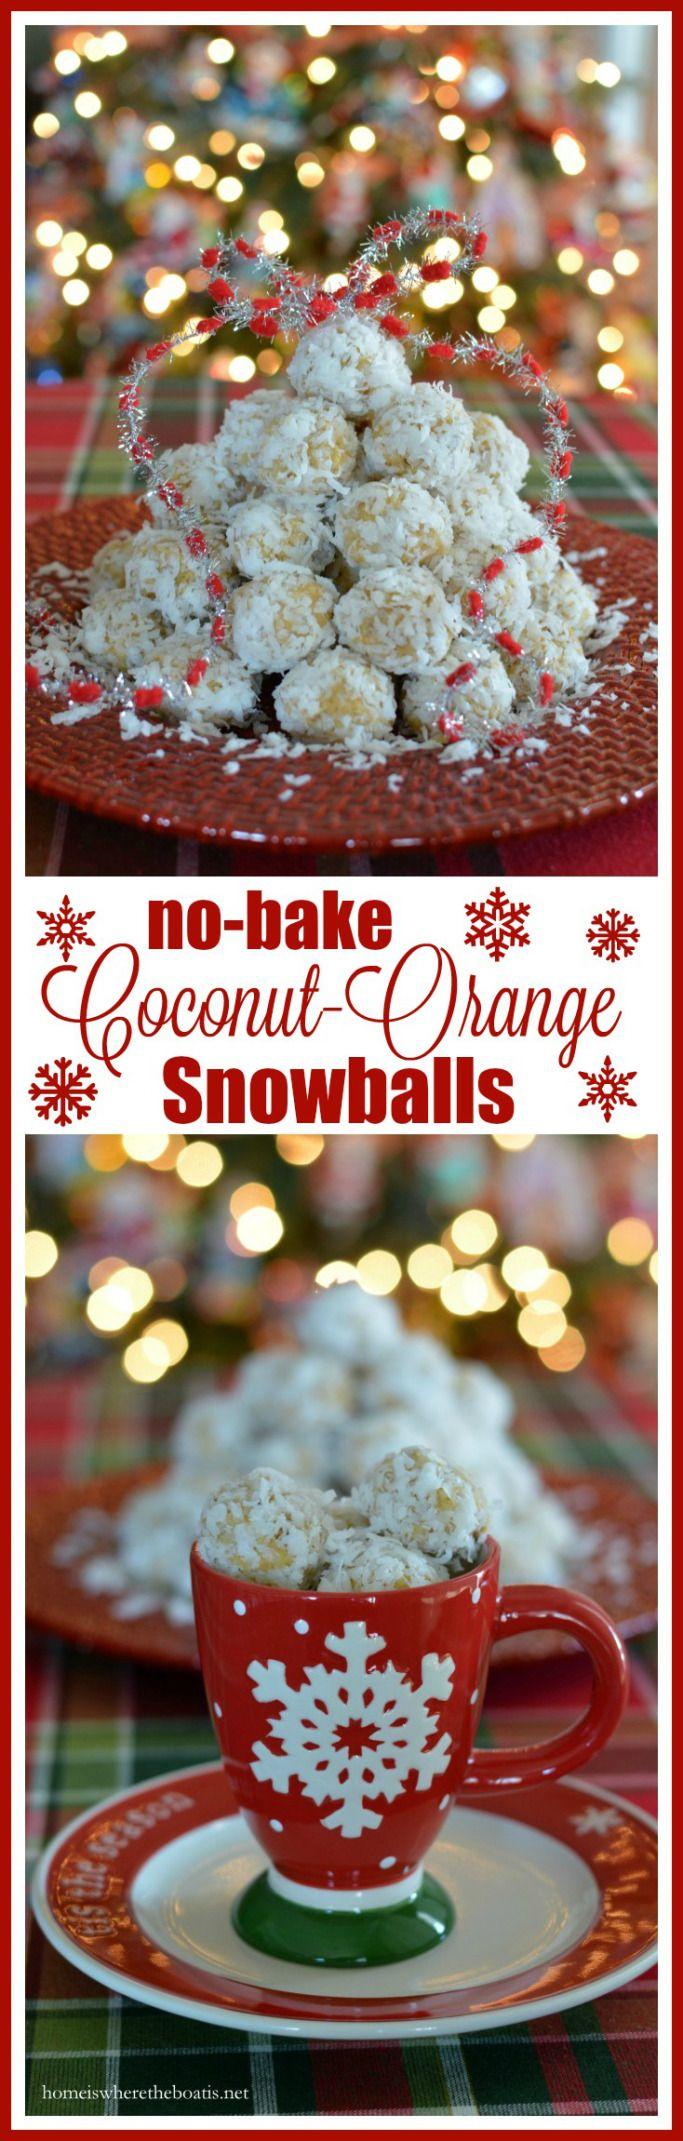 No-Bake Coconut-Orange Snowballs